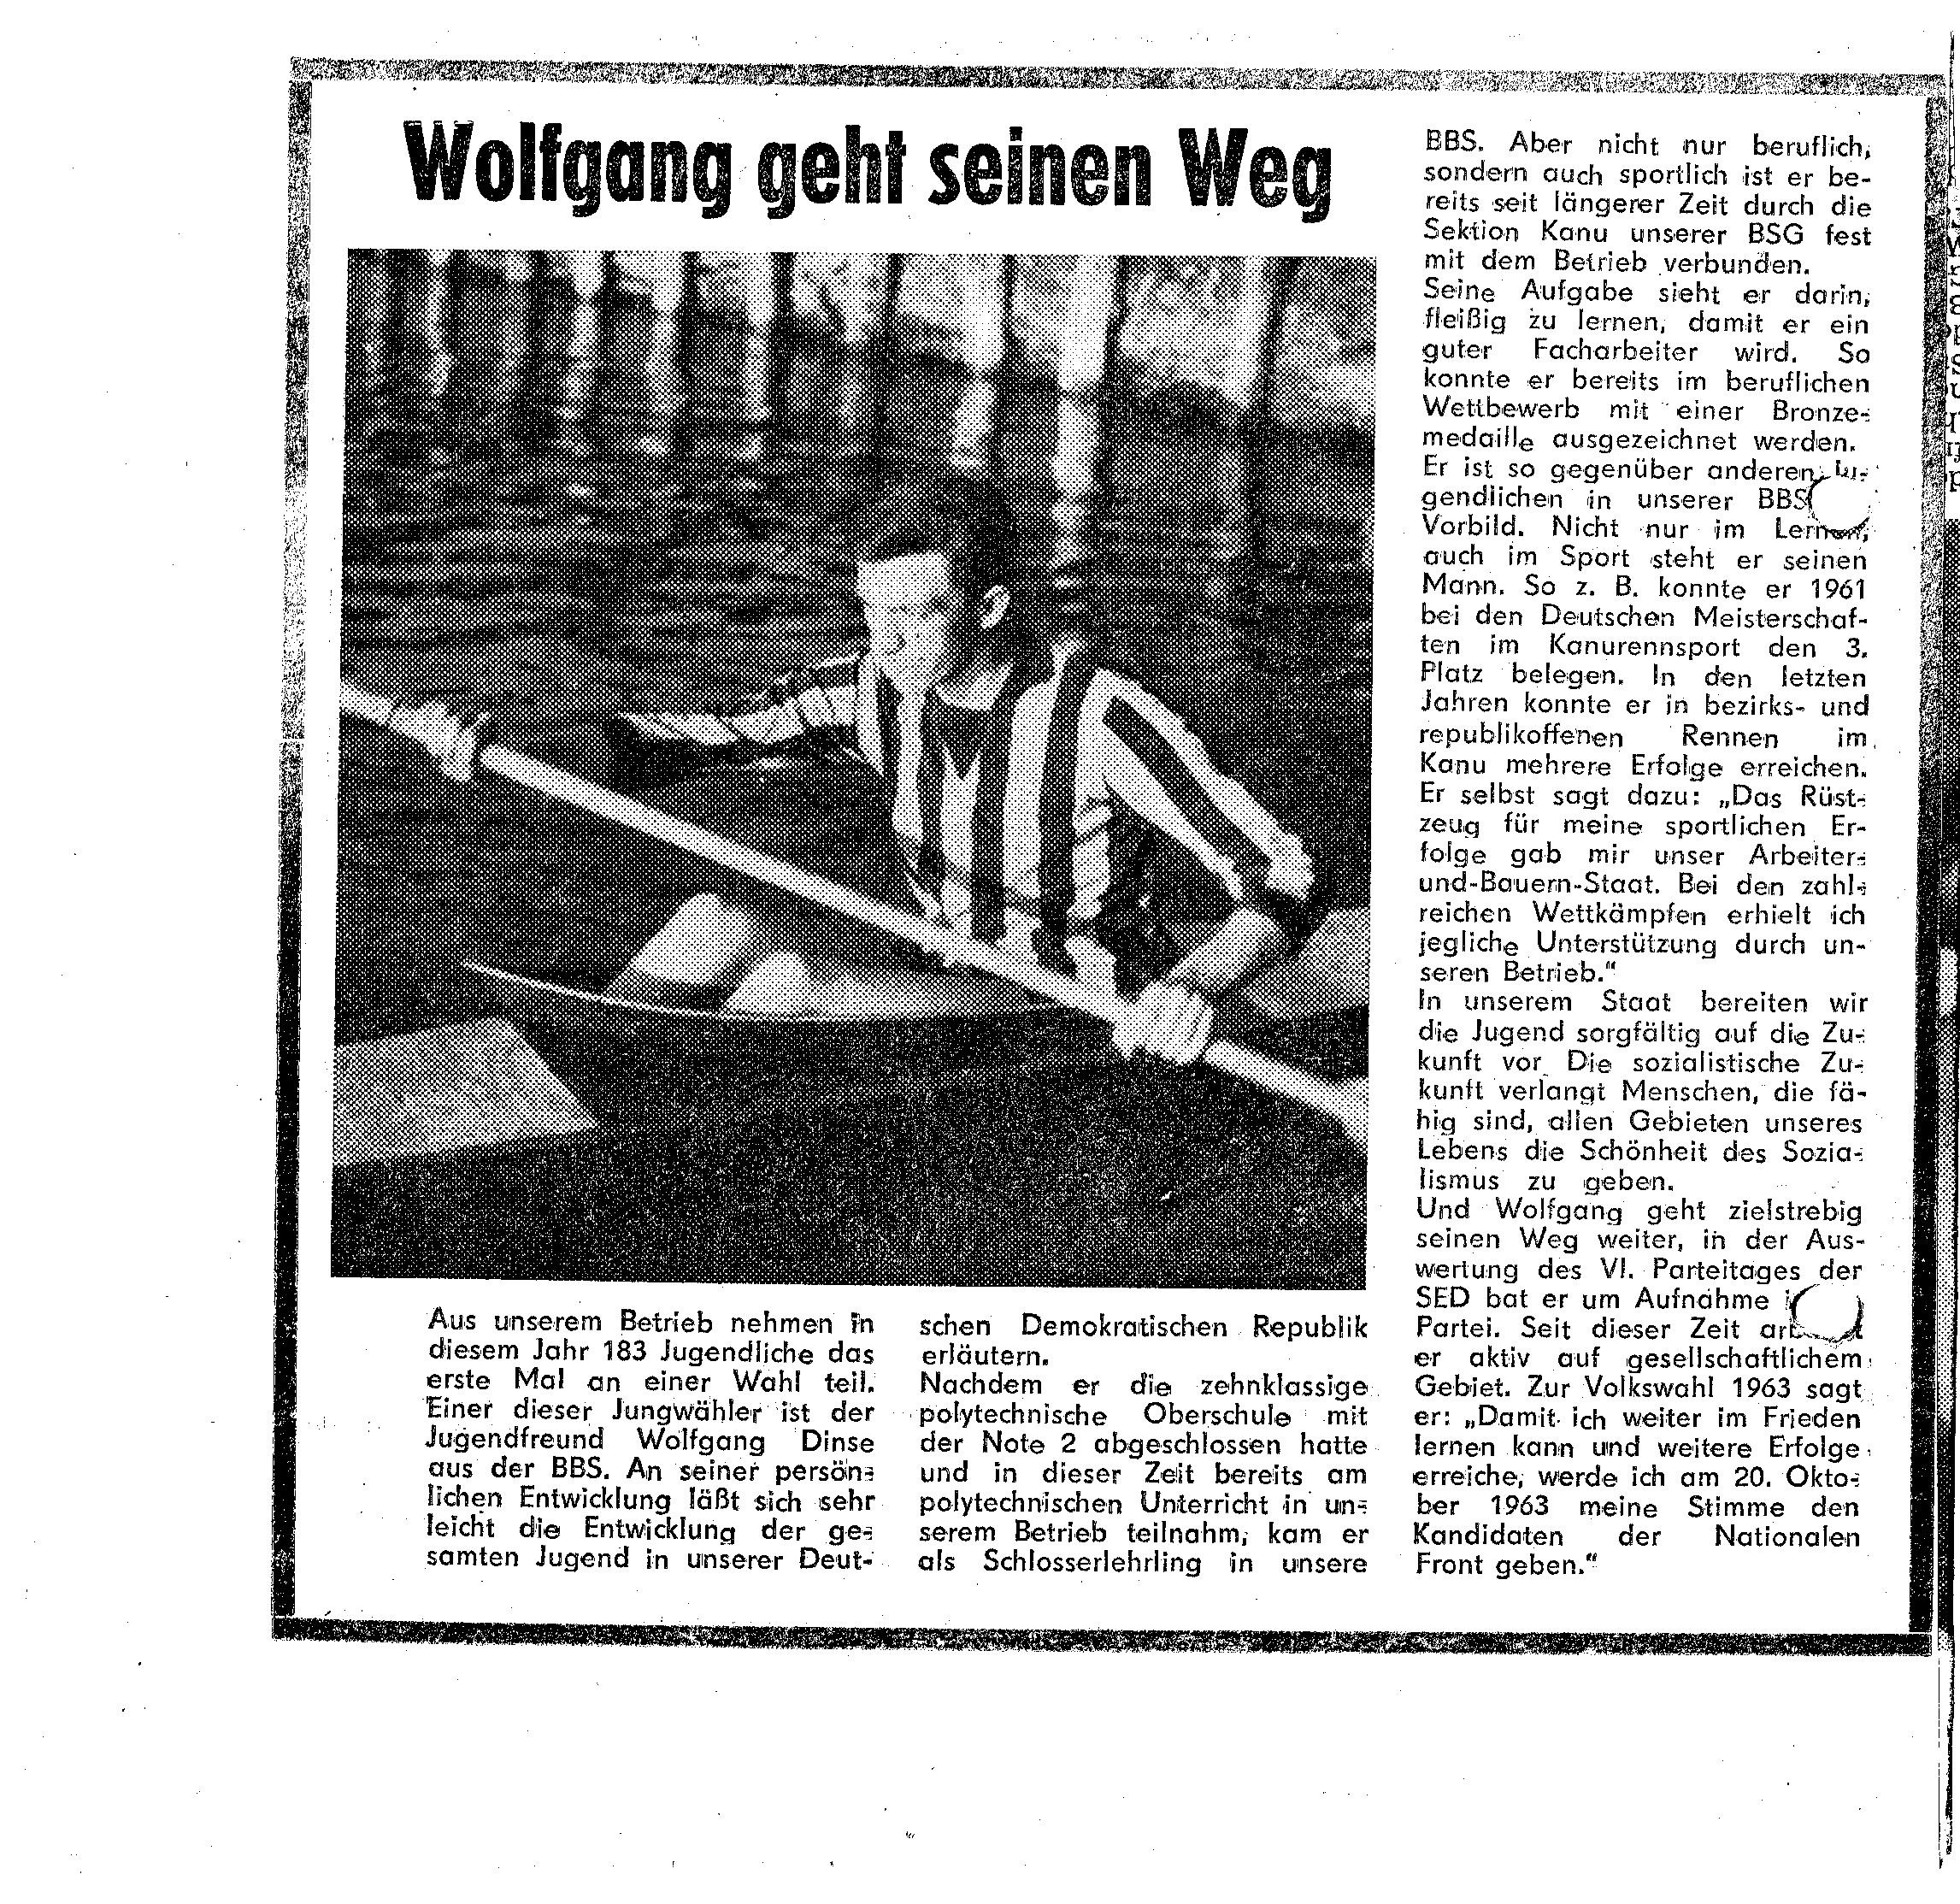 1963 Wolfgang Dinse geht seinen Weg